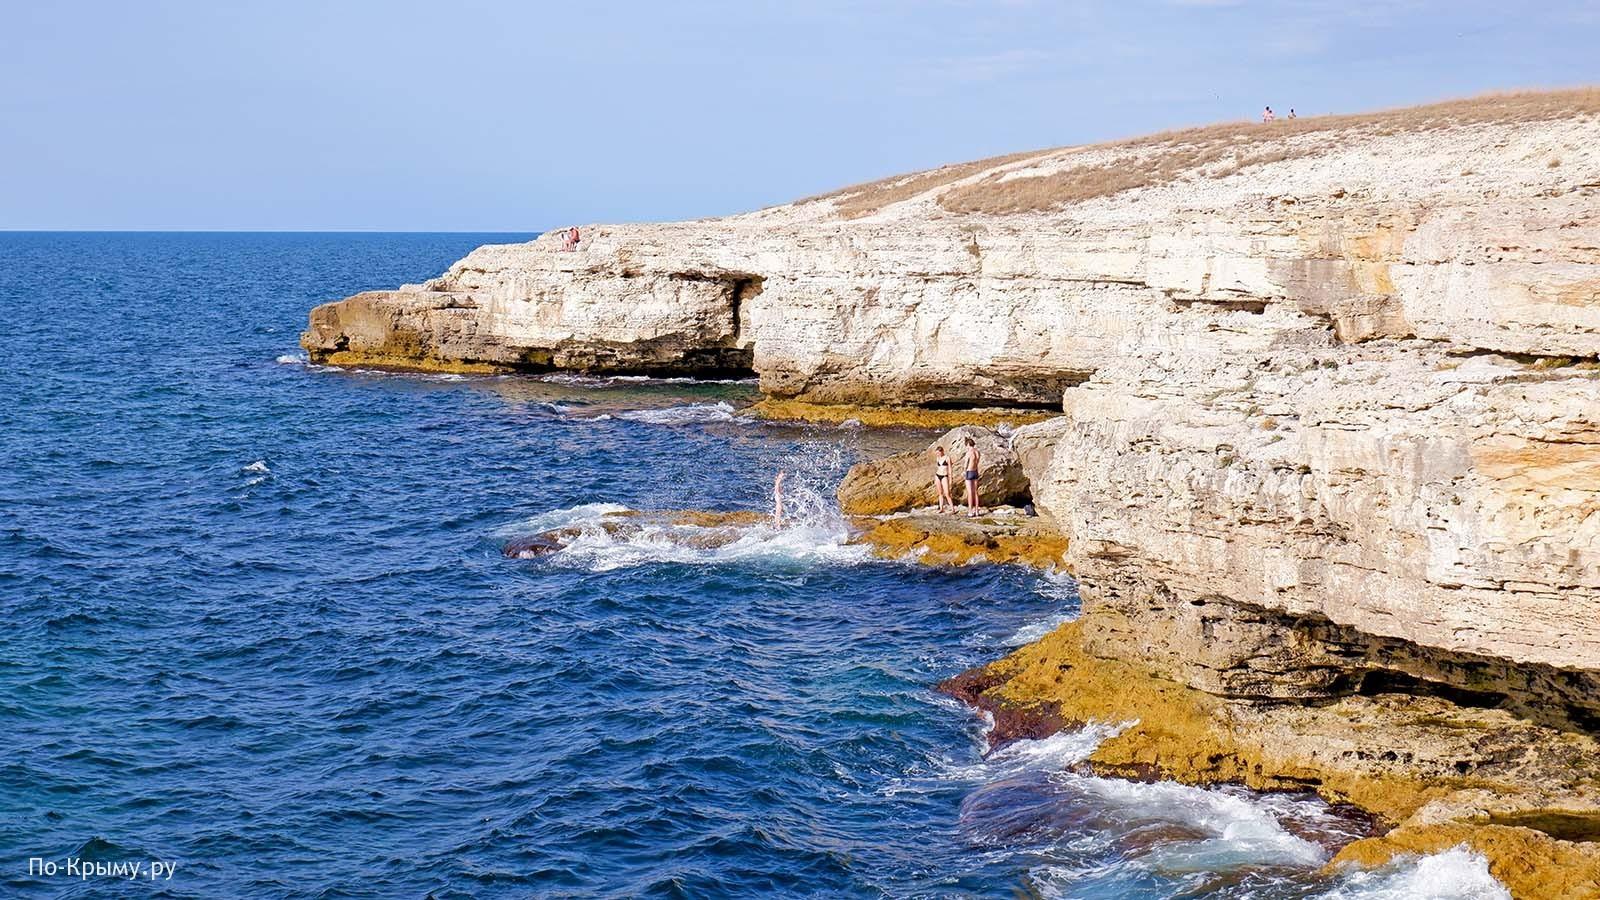 Тарханкутский полуостров, Крым